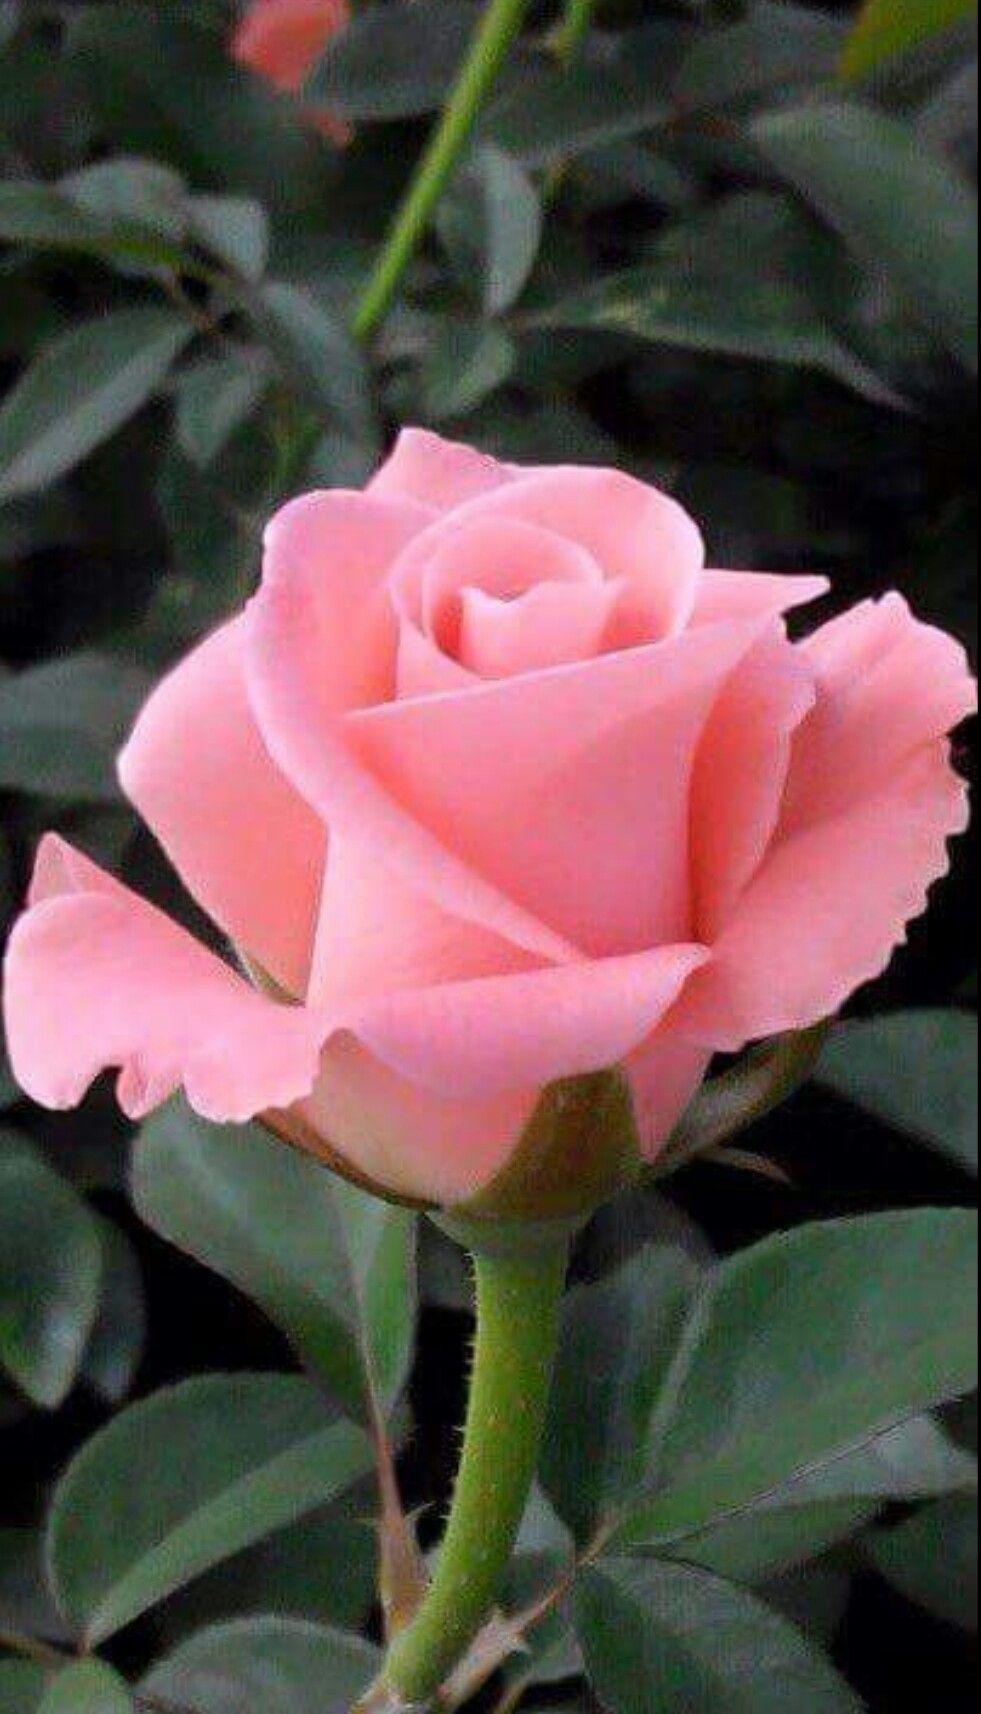 Resultado de imagem para good morning orange rose ROSES